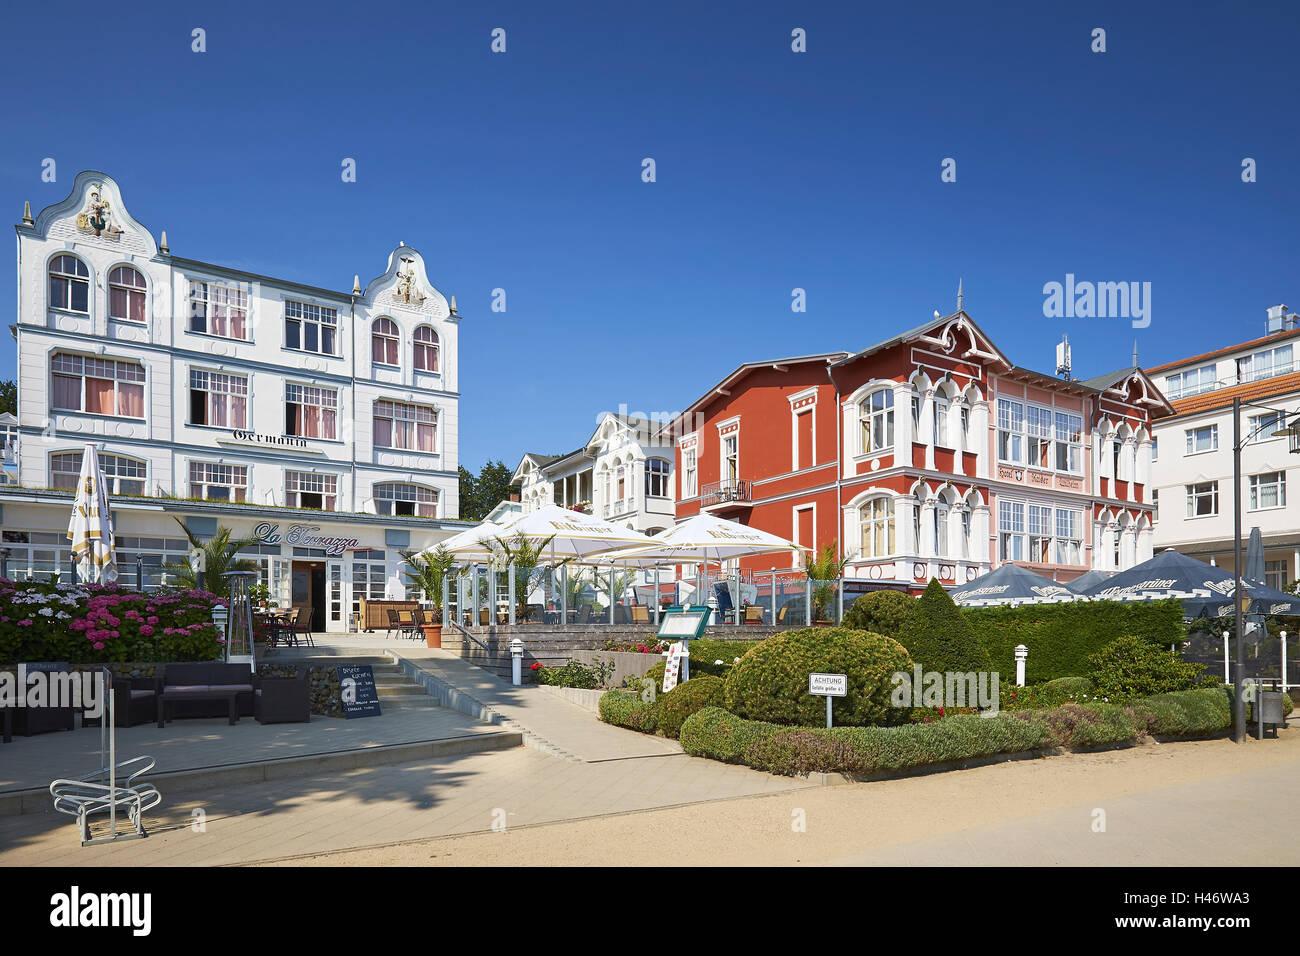 Hotel Germania e Kaiser Wilhelm sul lungomare, Baltico resort di Bansin, isola di Usedom, Meclemburgo-Pomerania, Immagini Stock